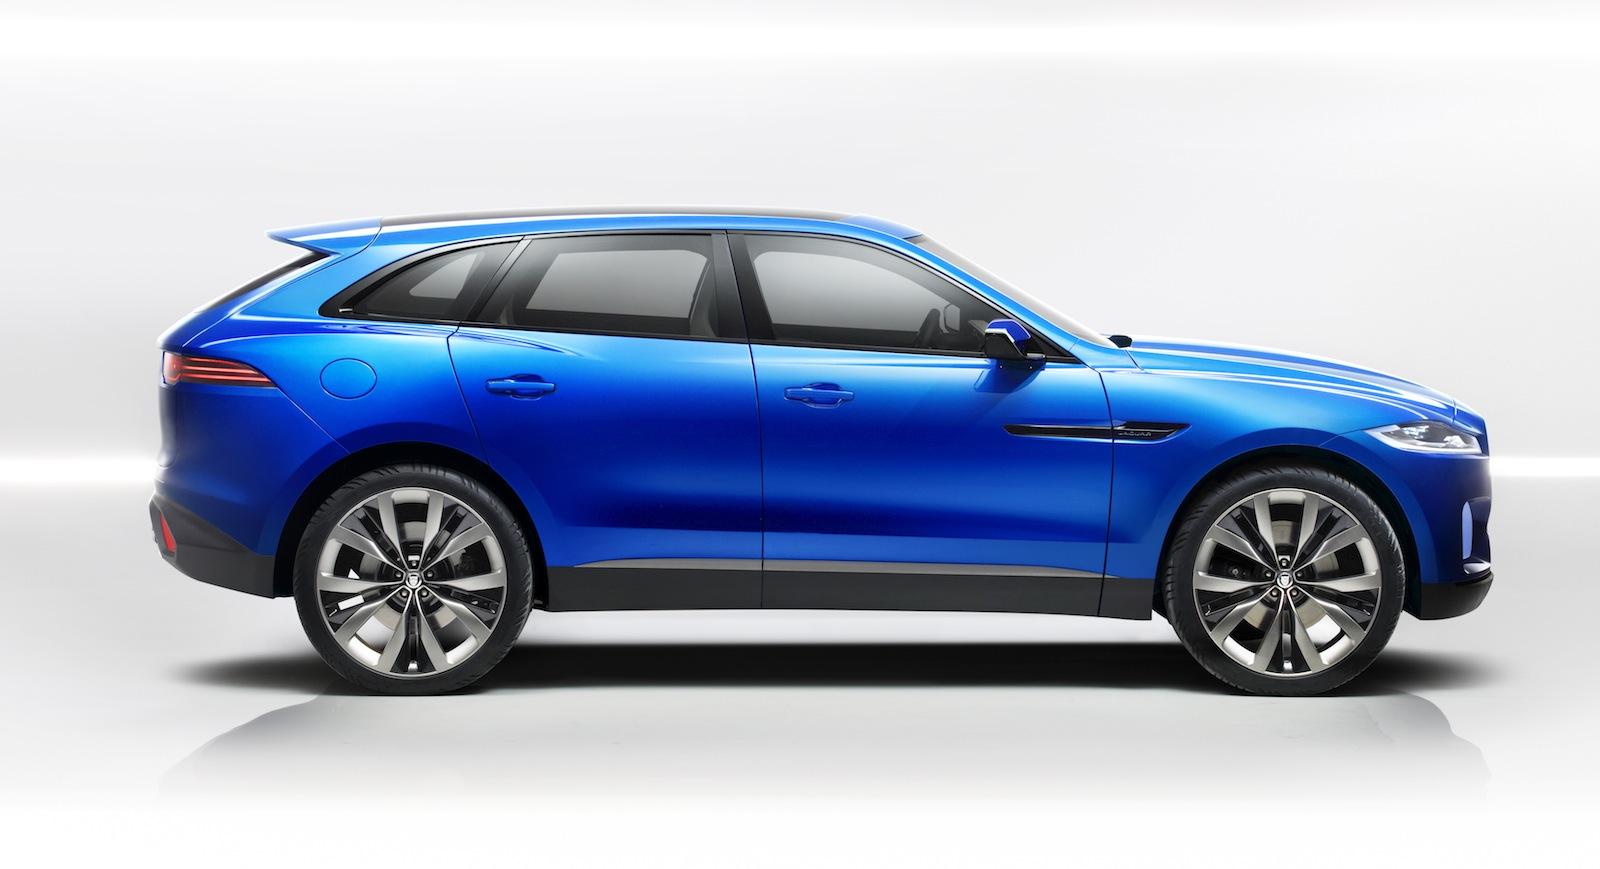 Jaguar SUV: C-X17 concept revealed - Photos (1 of 31)